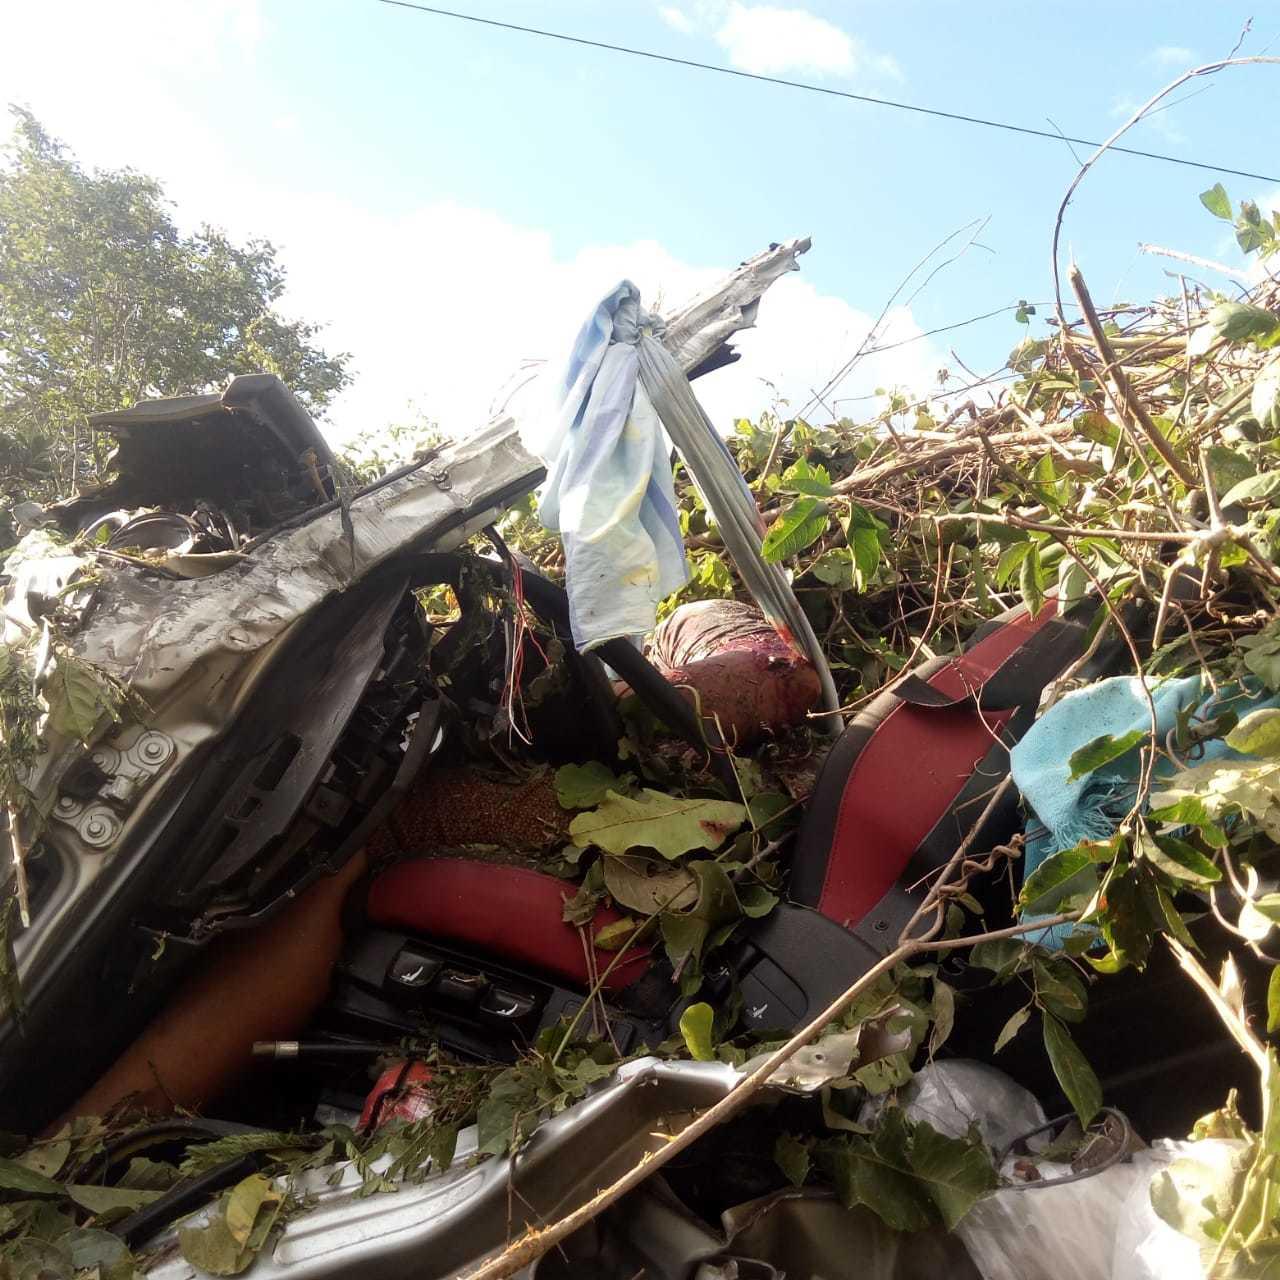 Caminhoneiro morre em grave acidente envolvendo duas carretas no Piauí - Imagem 2